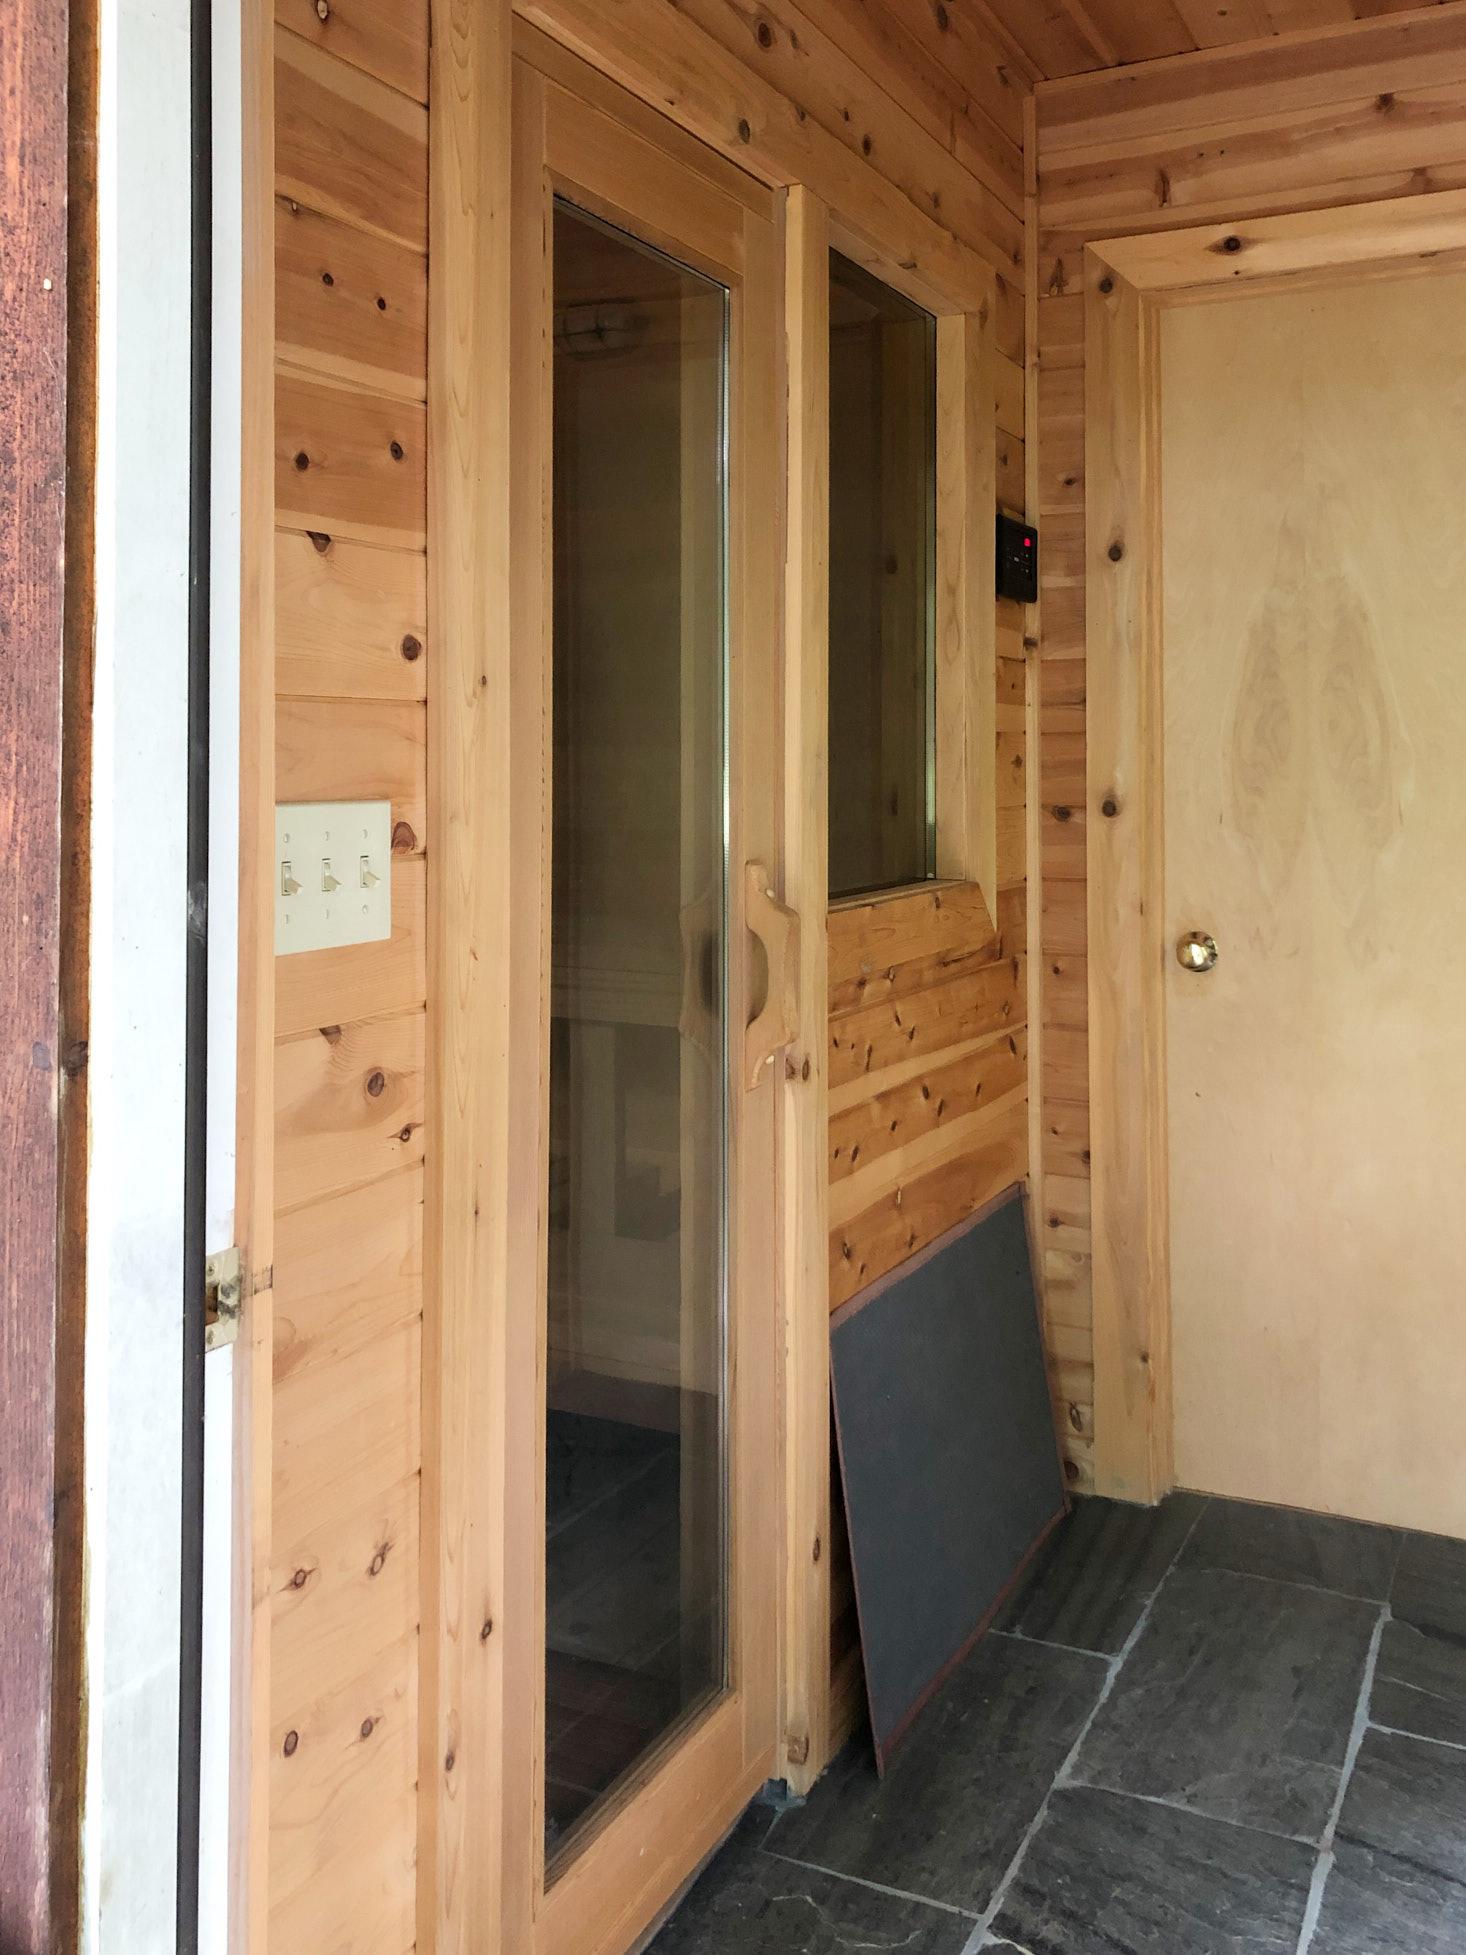 Wood interior of outdoor sauna